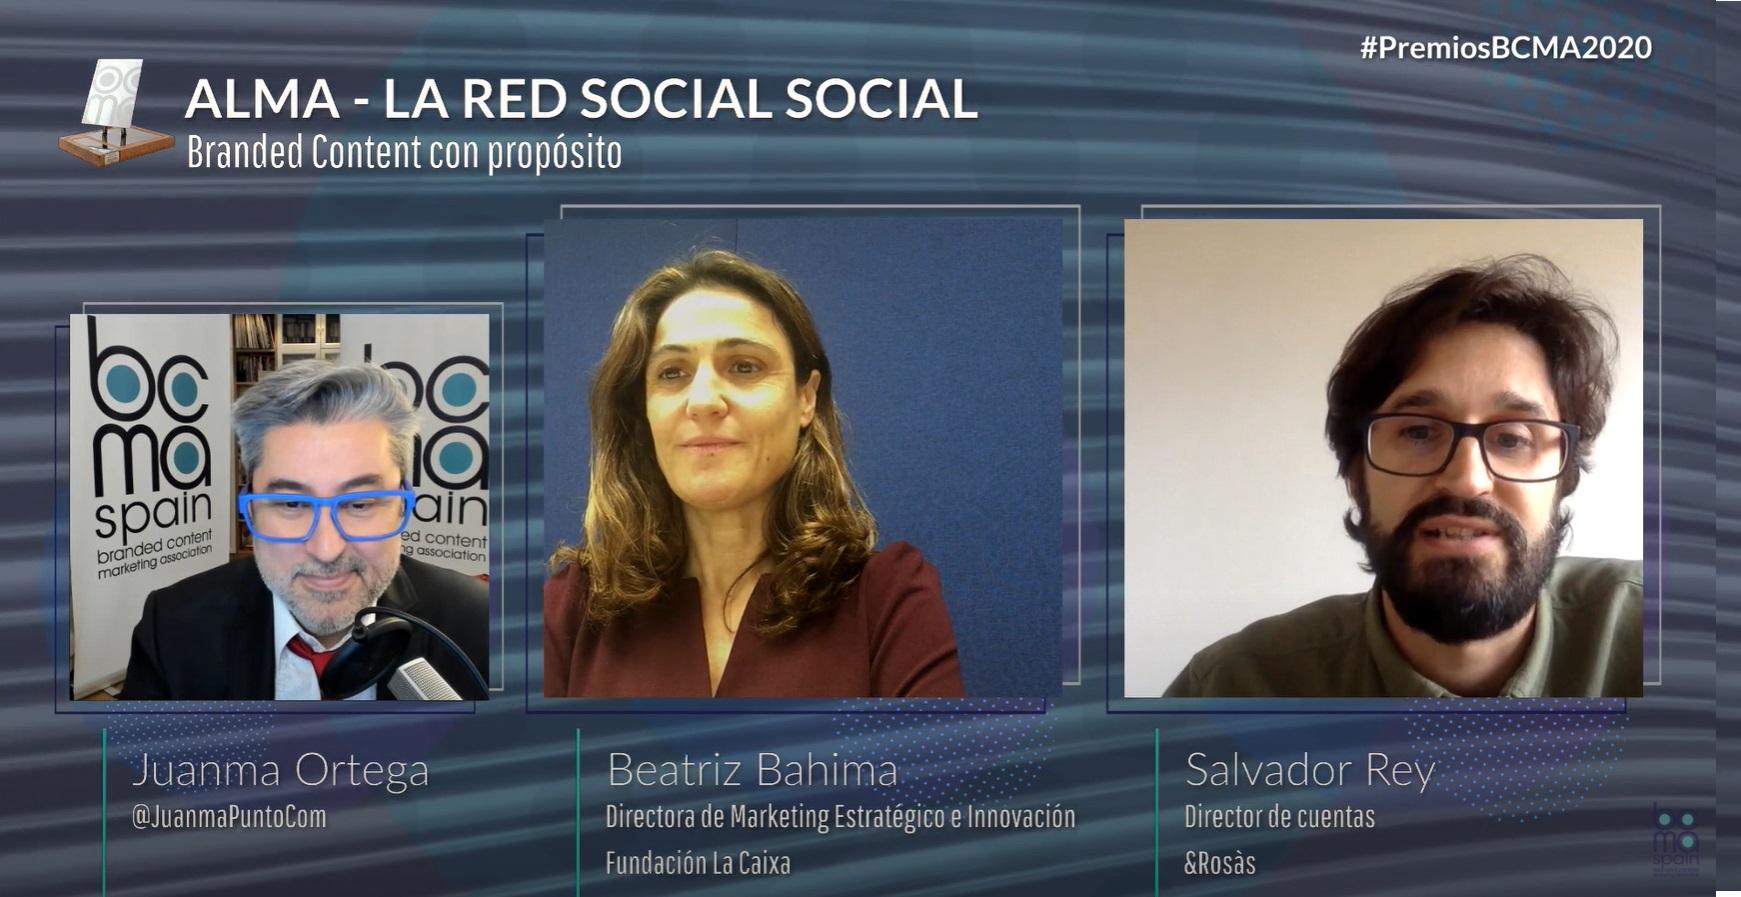 https://www.programapublicidad.com/wp-content/uploads/2020/11/alma-red-social-proposito-bahima-lacaixa-rey-¬rosaspremios-bcma-mejor-branded-content-programapublicidad.jpg